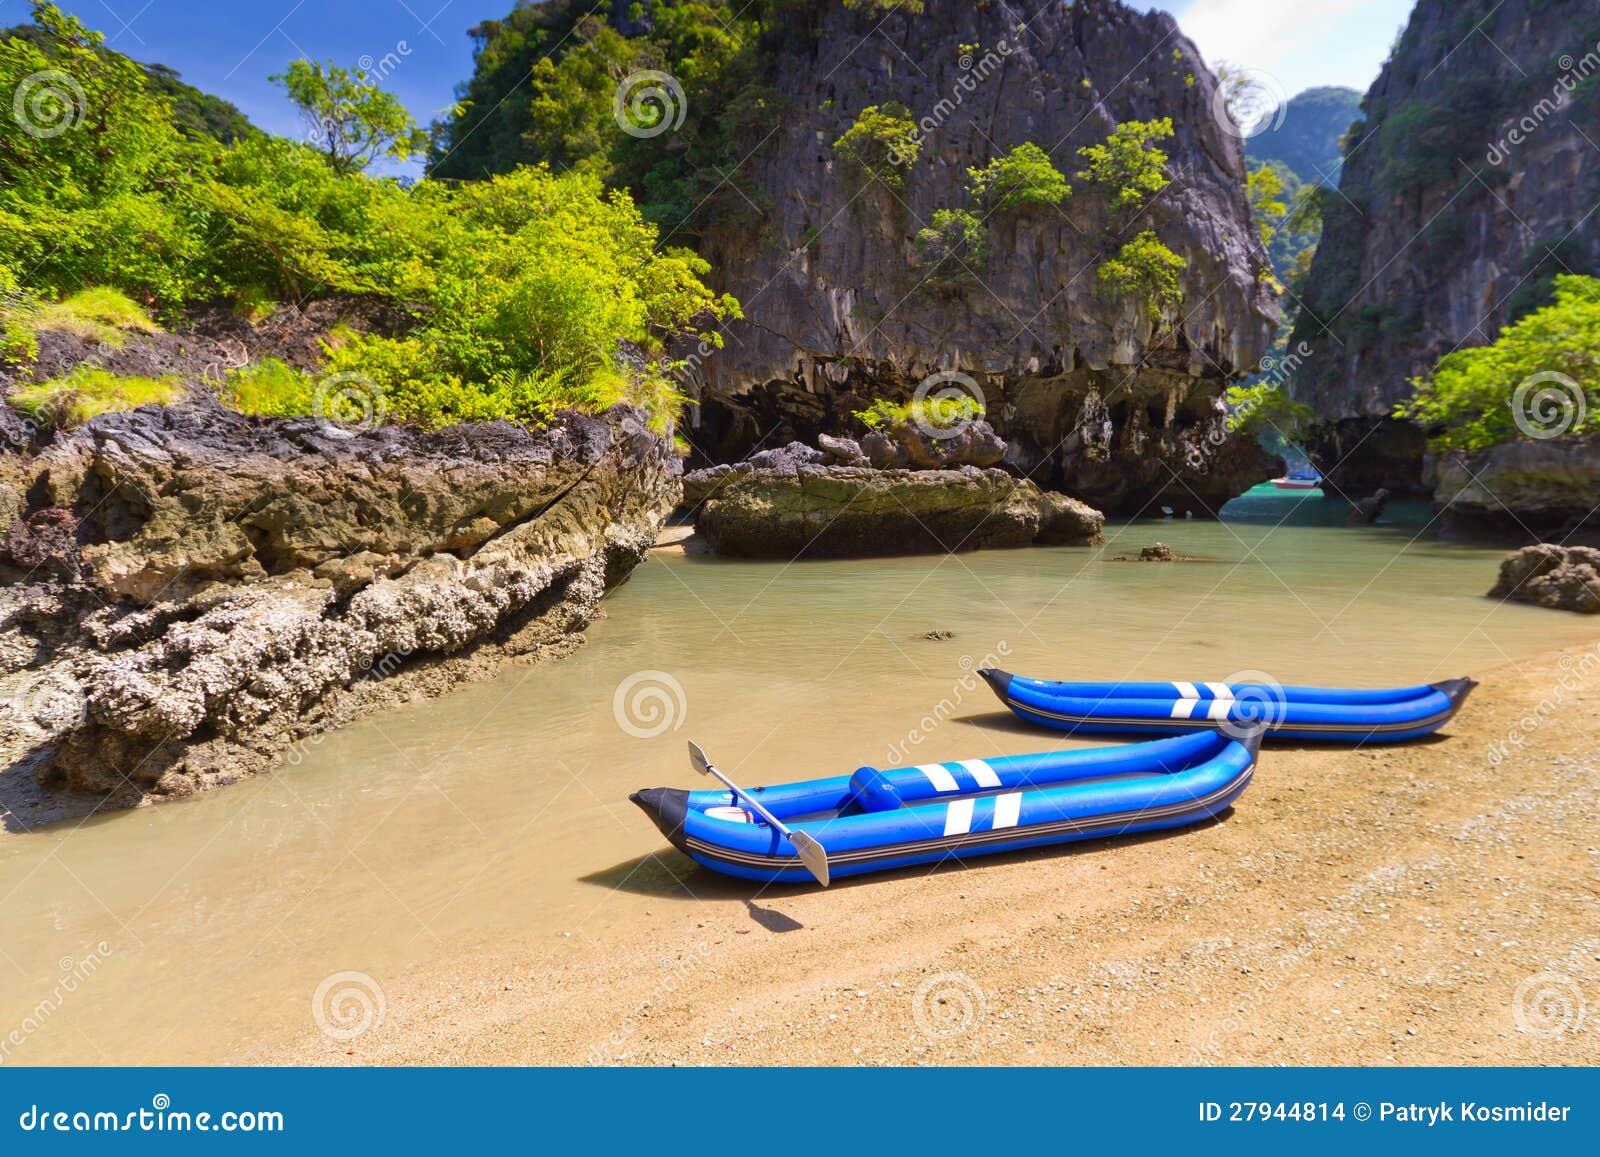 Kayak trip to the island on Phang Nga Bay